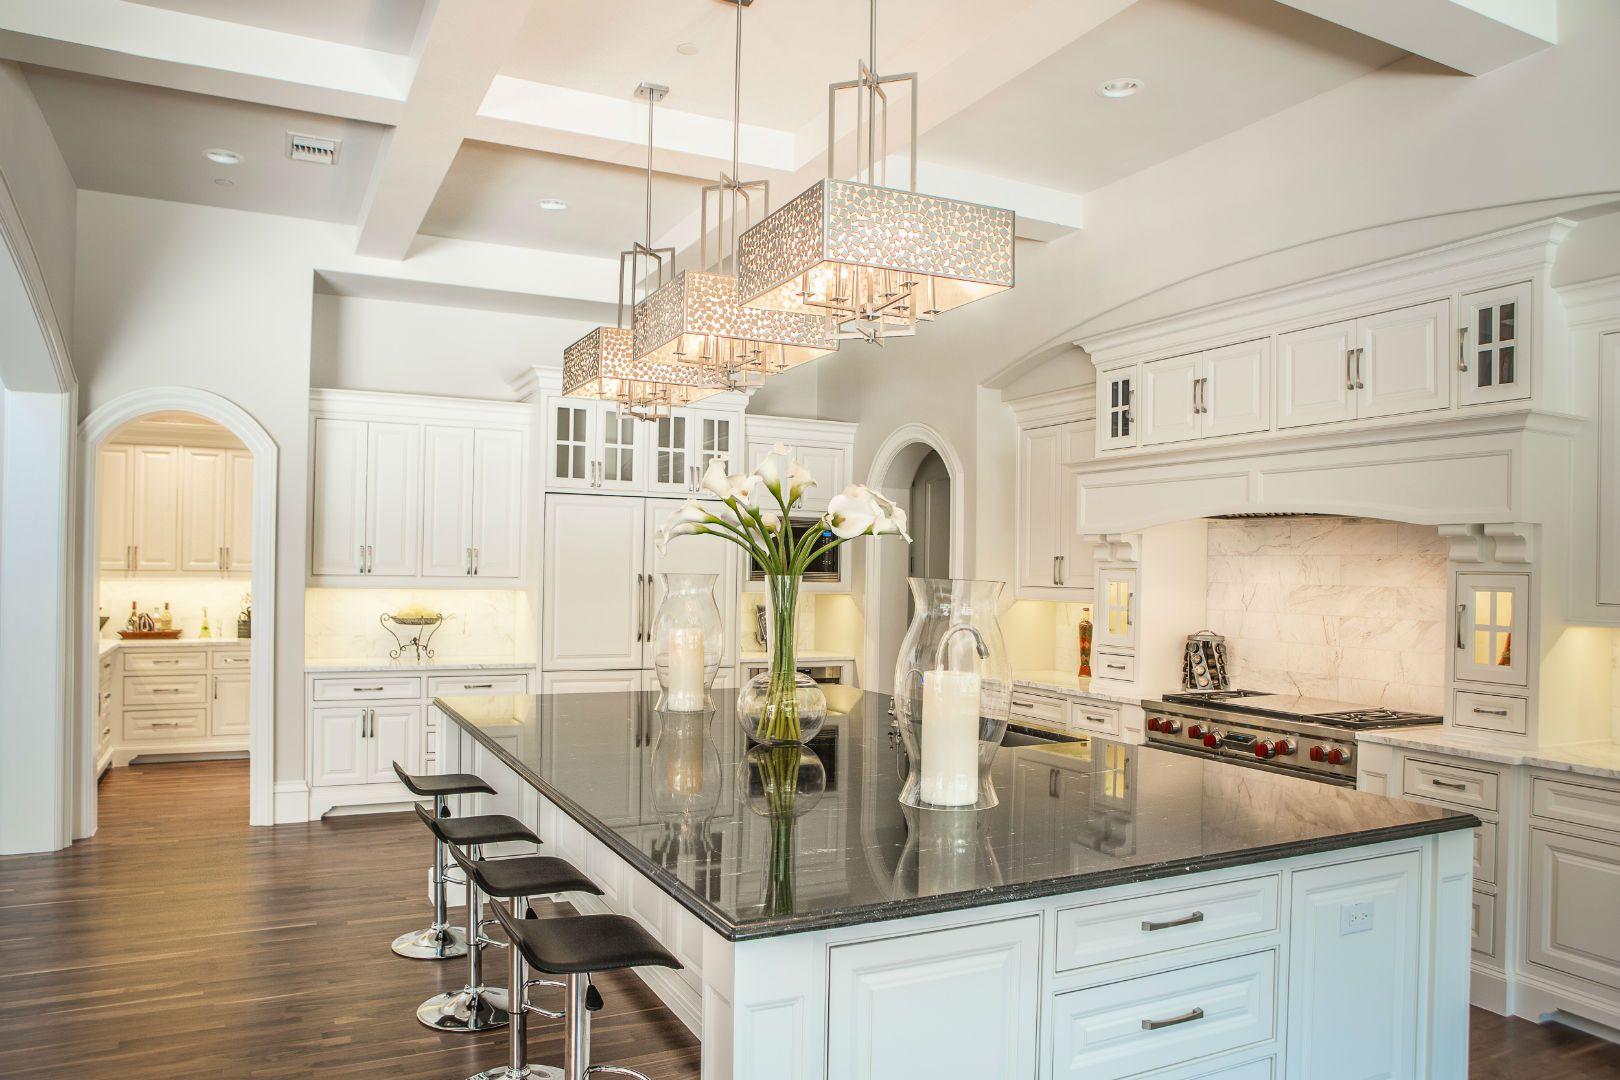 Küchendesign offener grundriss küche layout planer die küche der insel farben offener grundriss